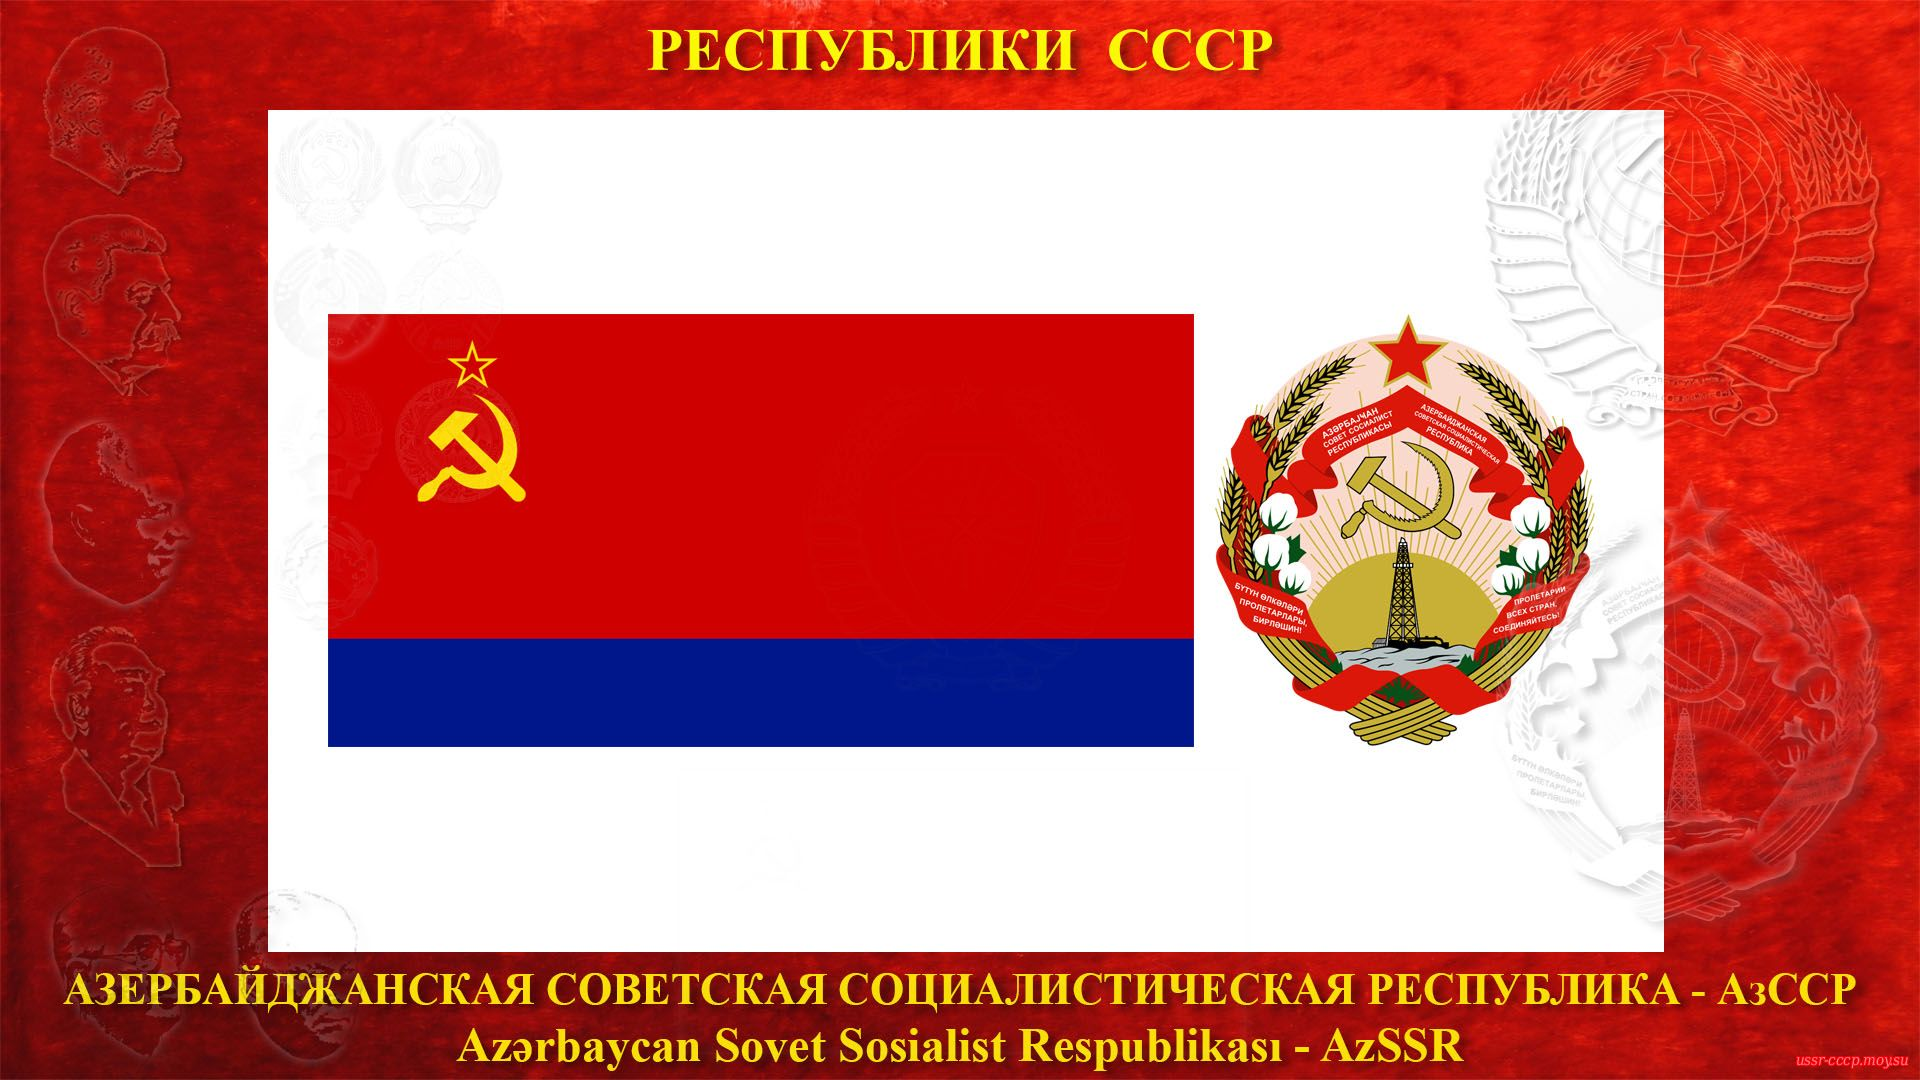 АзССР — Азербайджанская Советская Социалистическая Республика (05.12.1936 — де-юре)